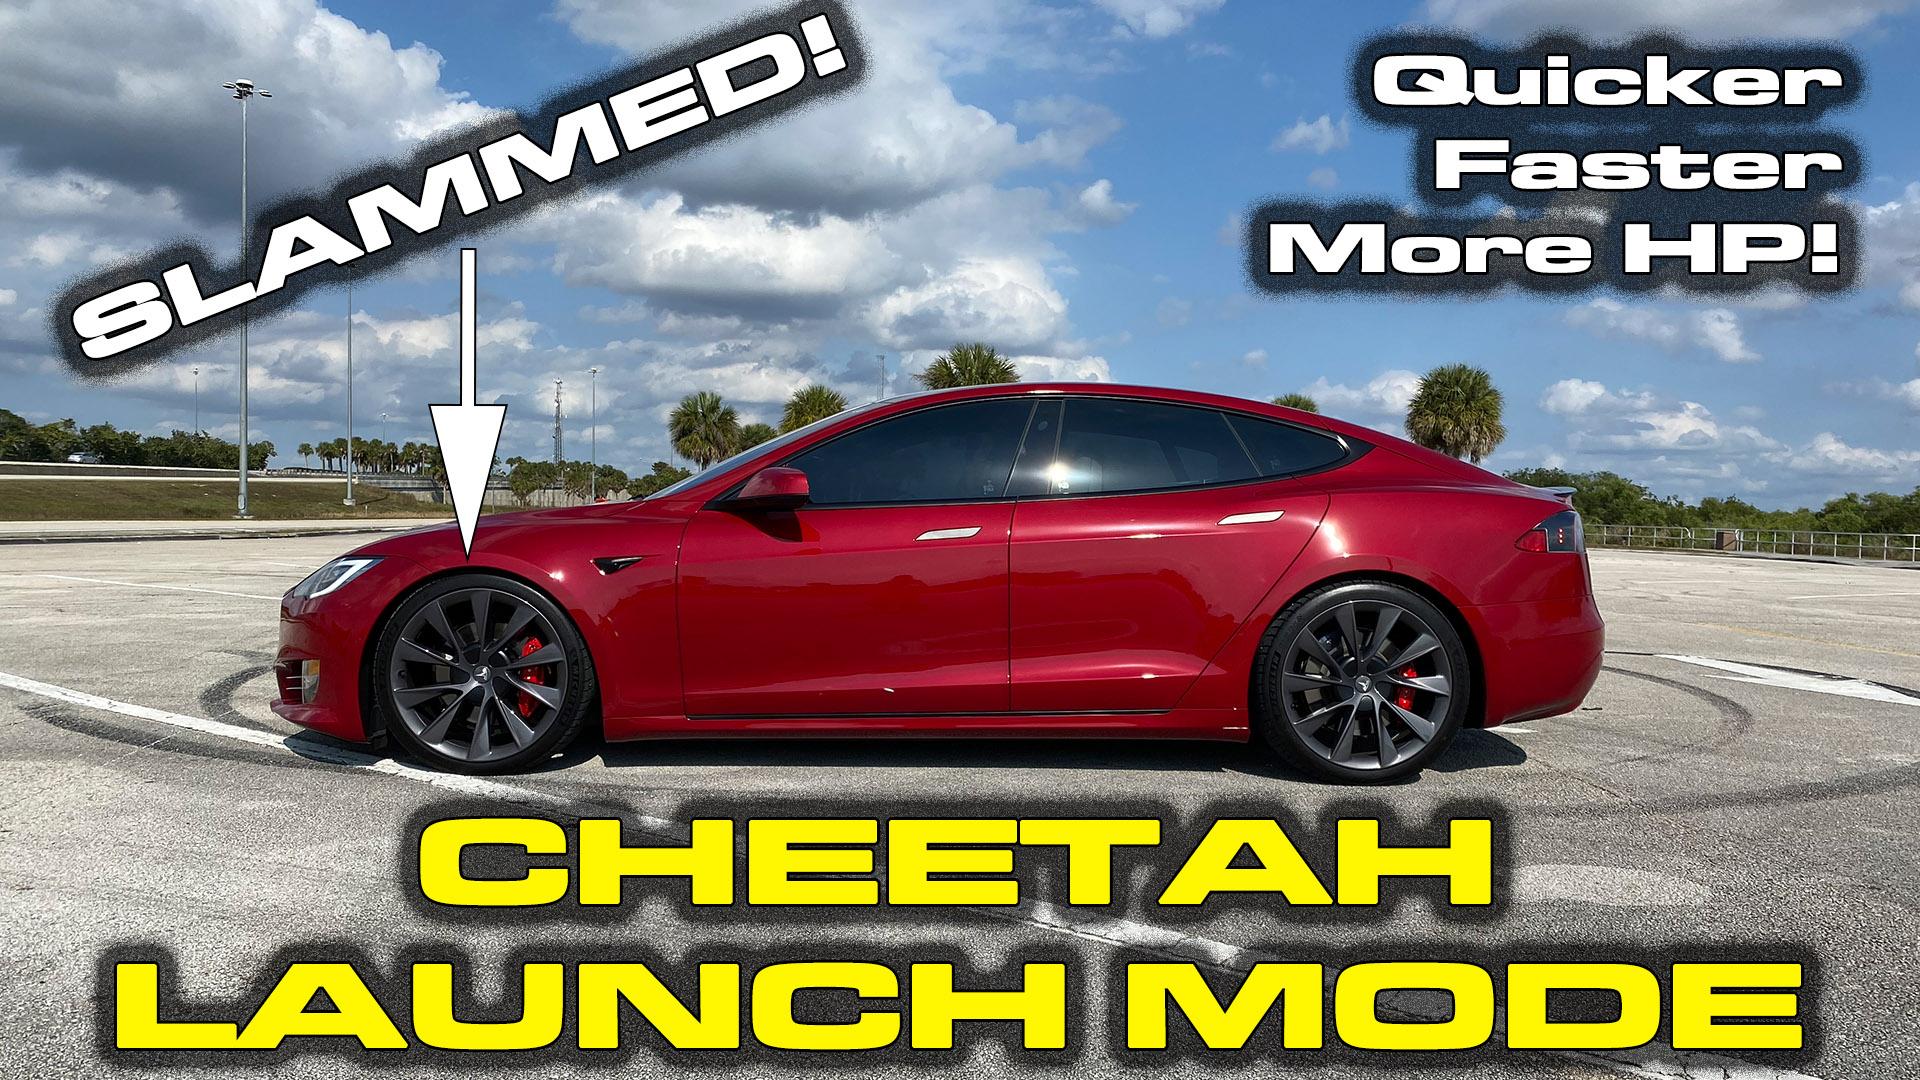 Tesla Cheetah Launch Mode